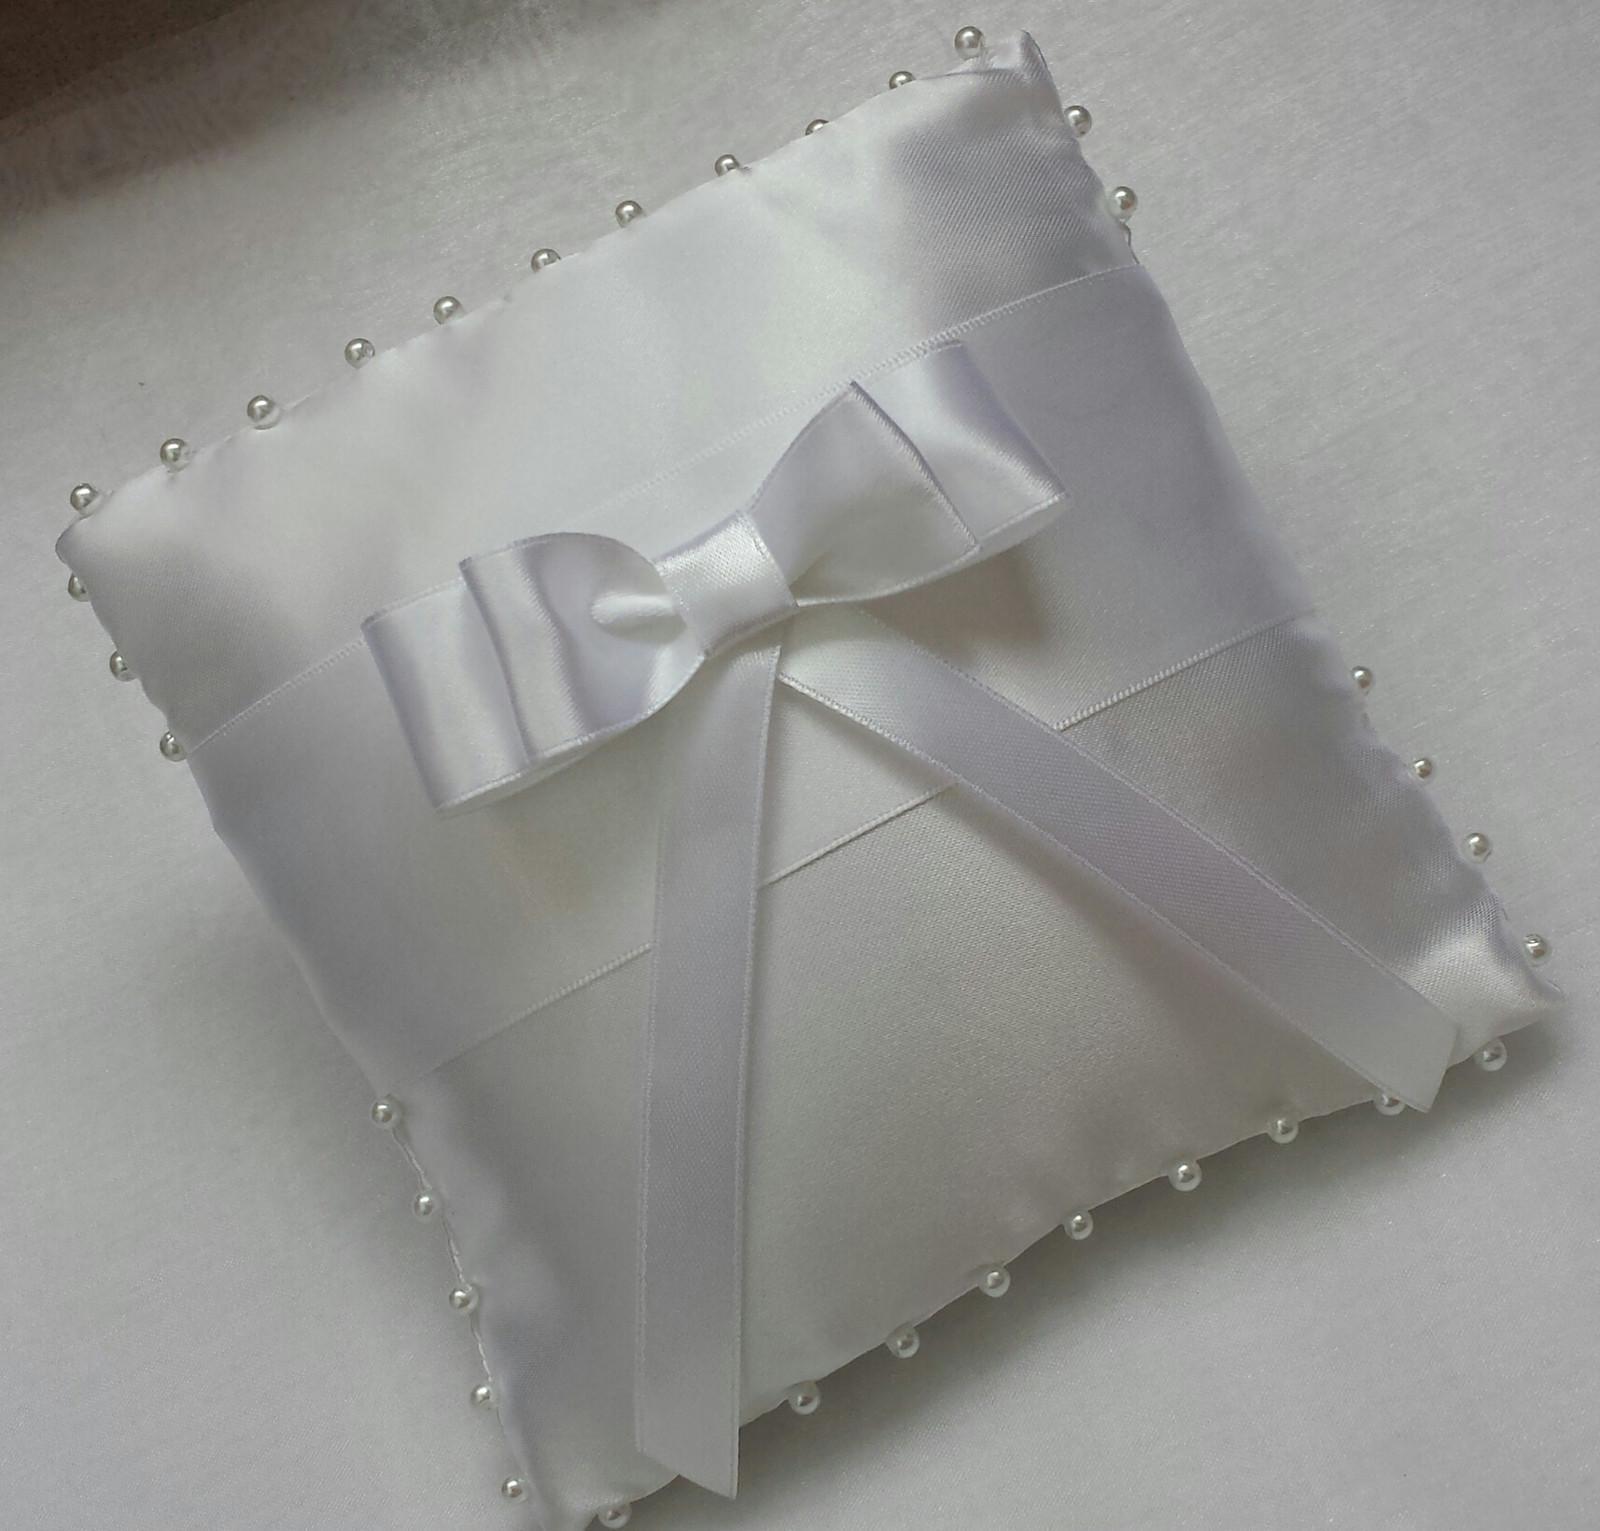 BÍLÝ polštářek pod prstýnky s mašlí - Obrázek č. 1